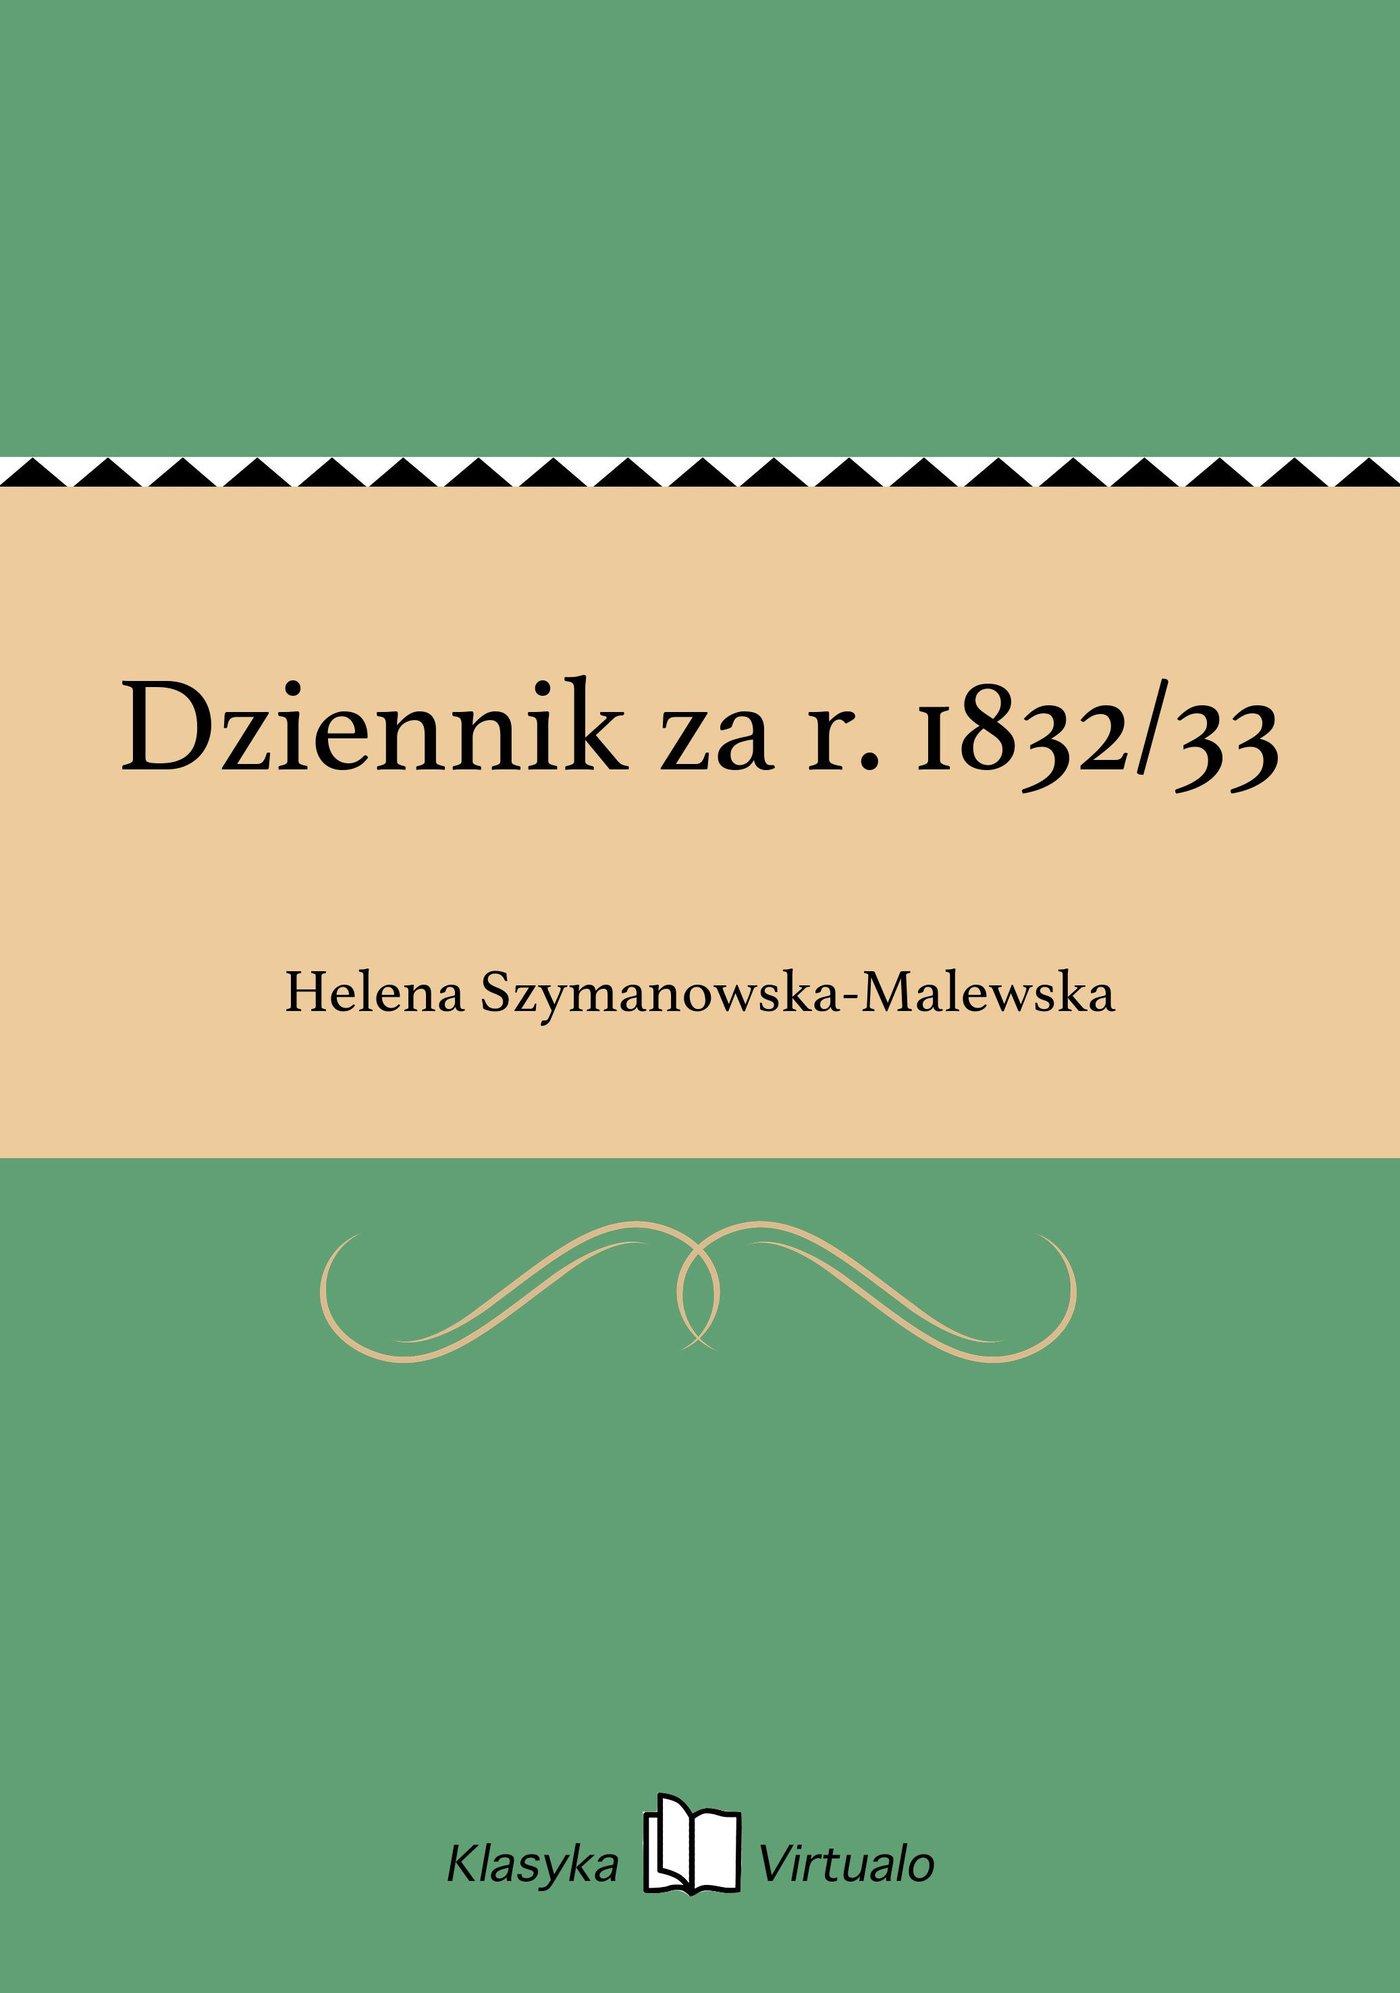 Dziennik za r. 1832/33 - Ebook (Książka EPUB) do pobrania w formacie EPUB